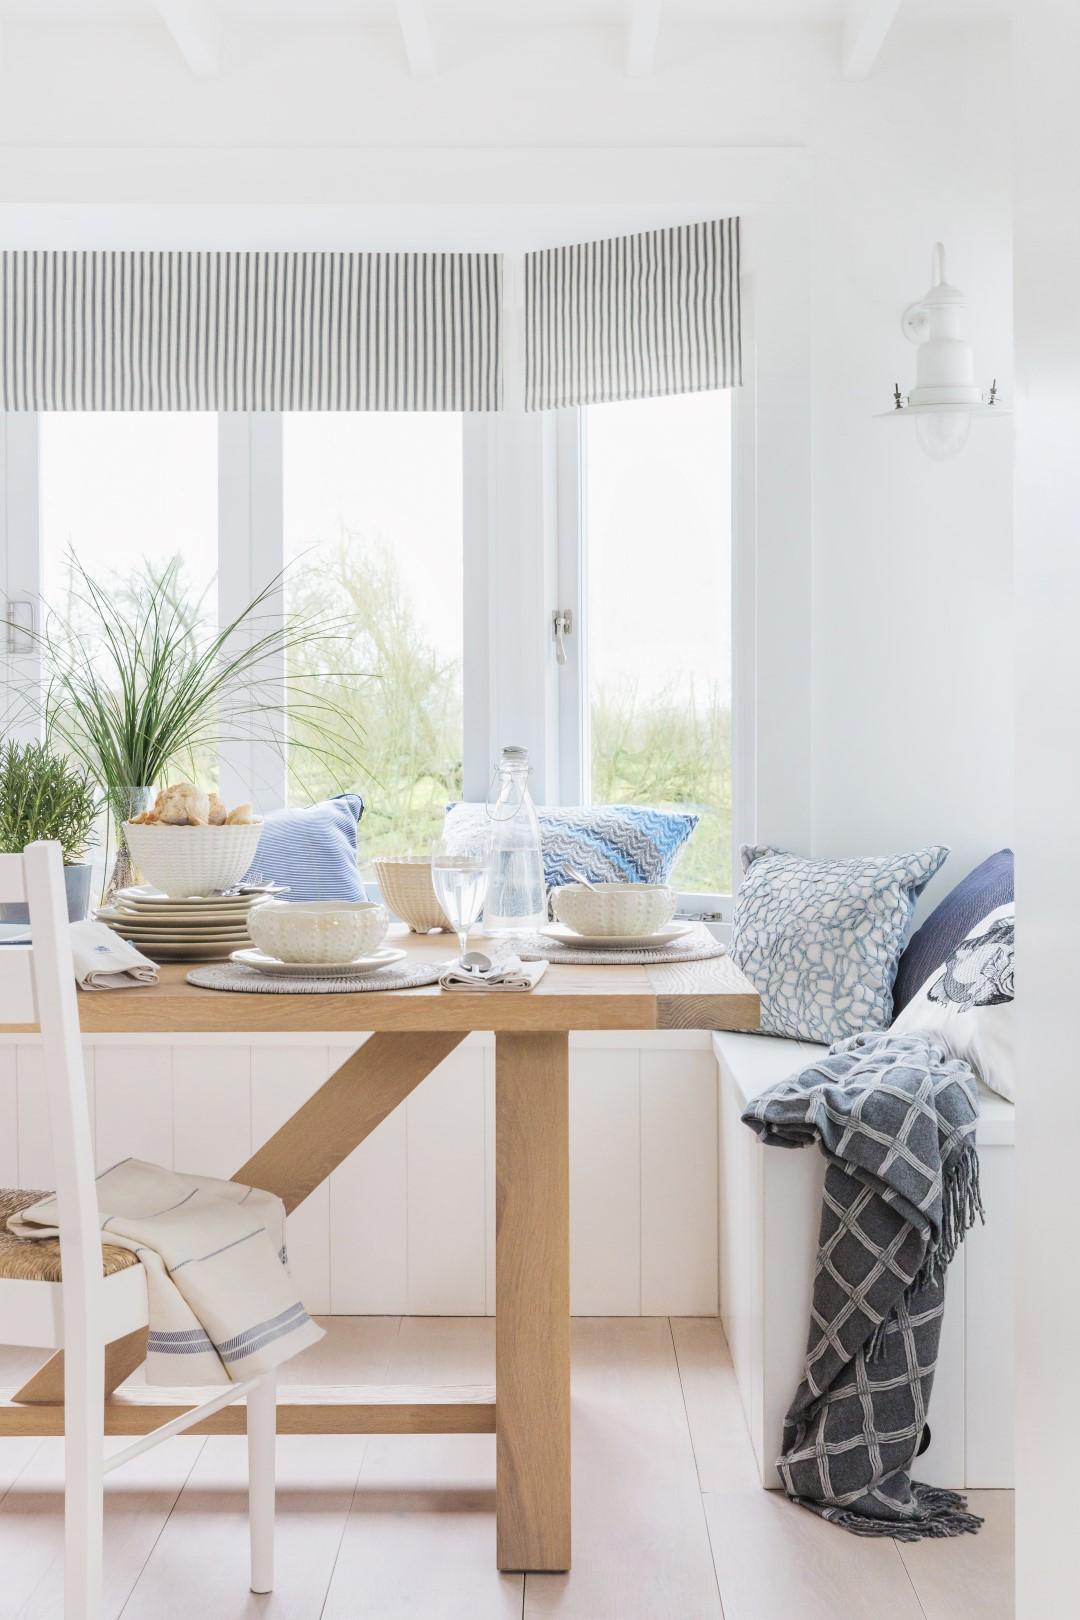 Phong cách thiết kế nội thất Ven bờ biển - ảnh 3